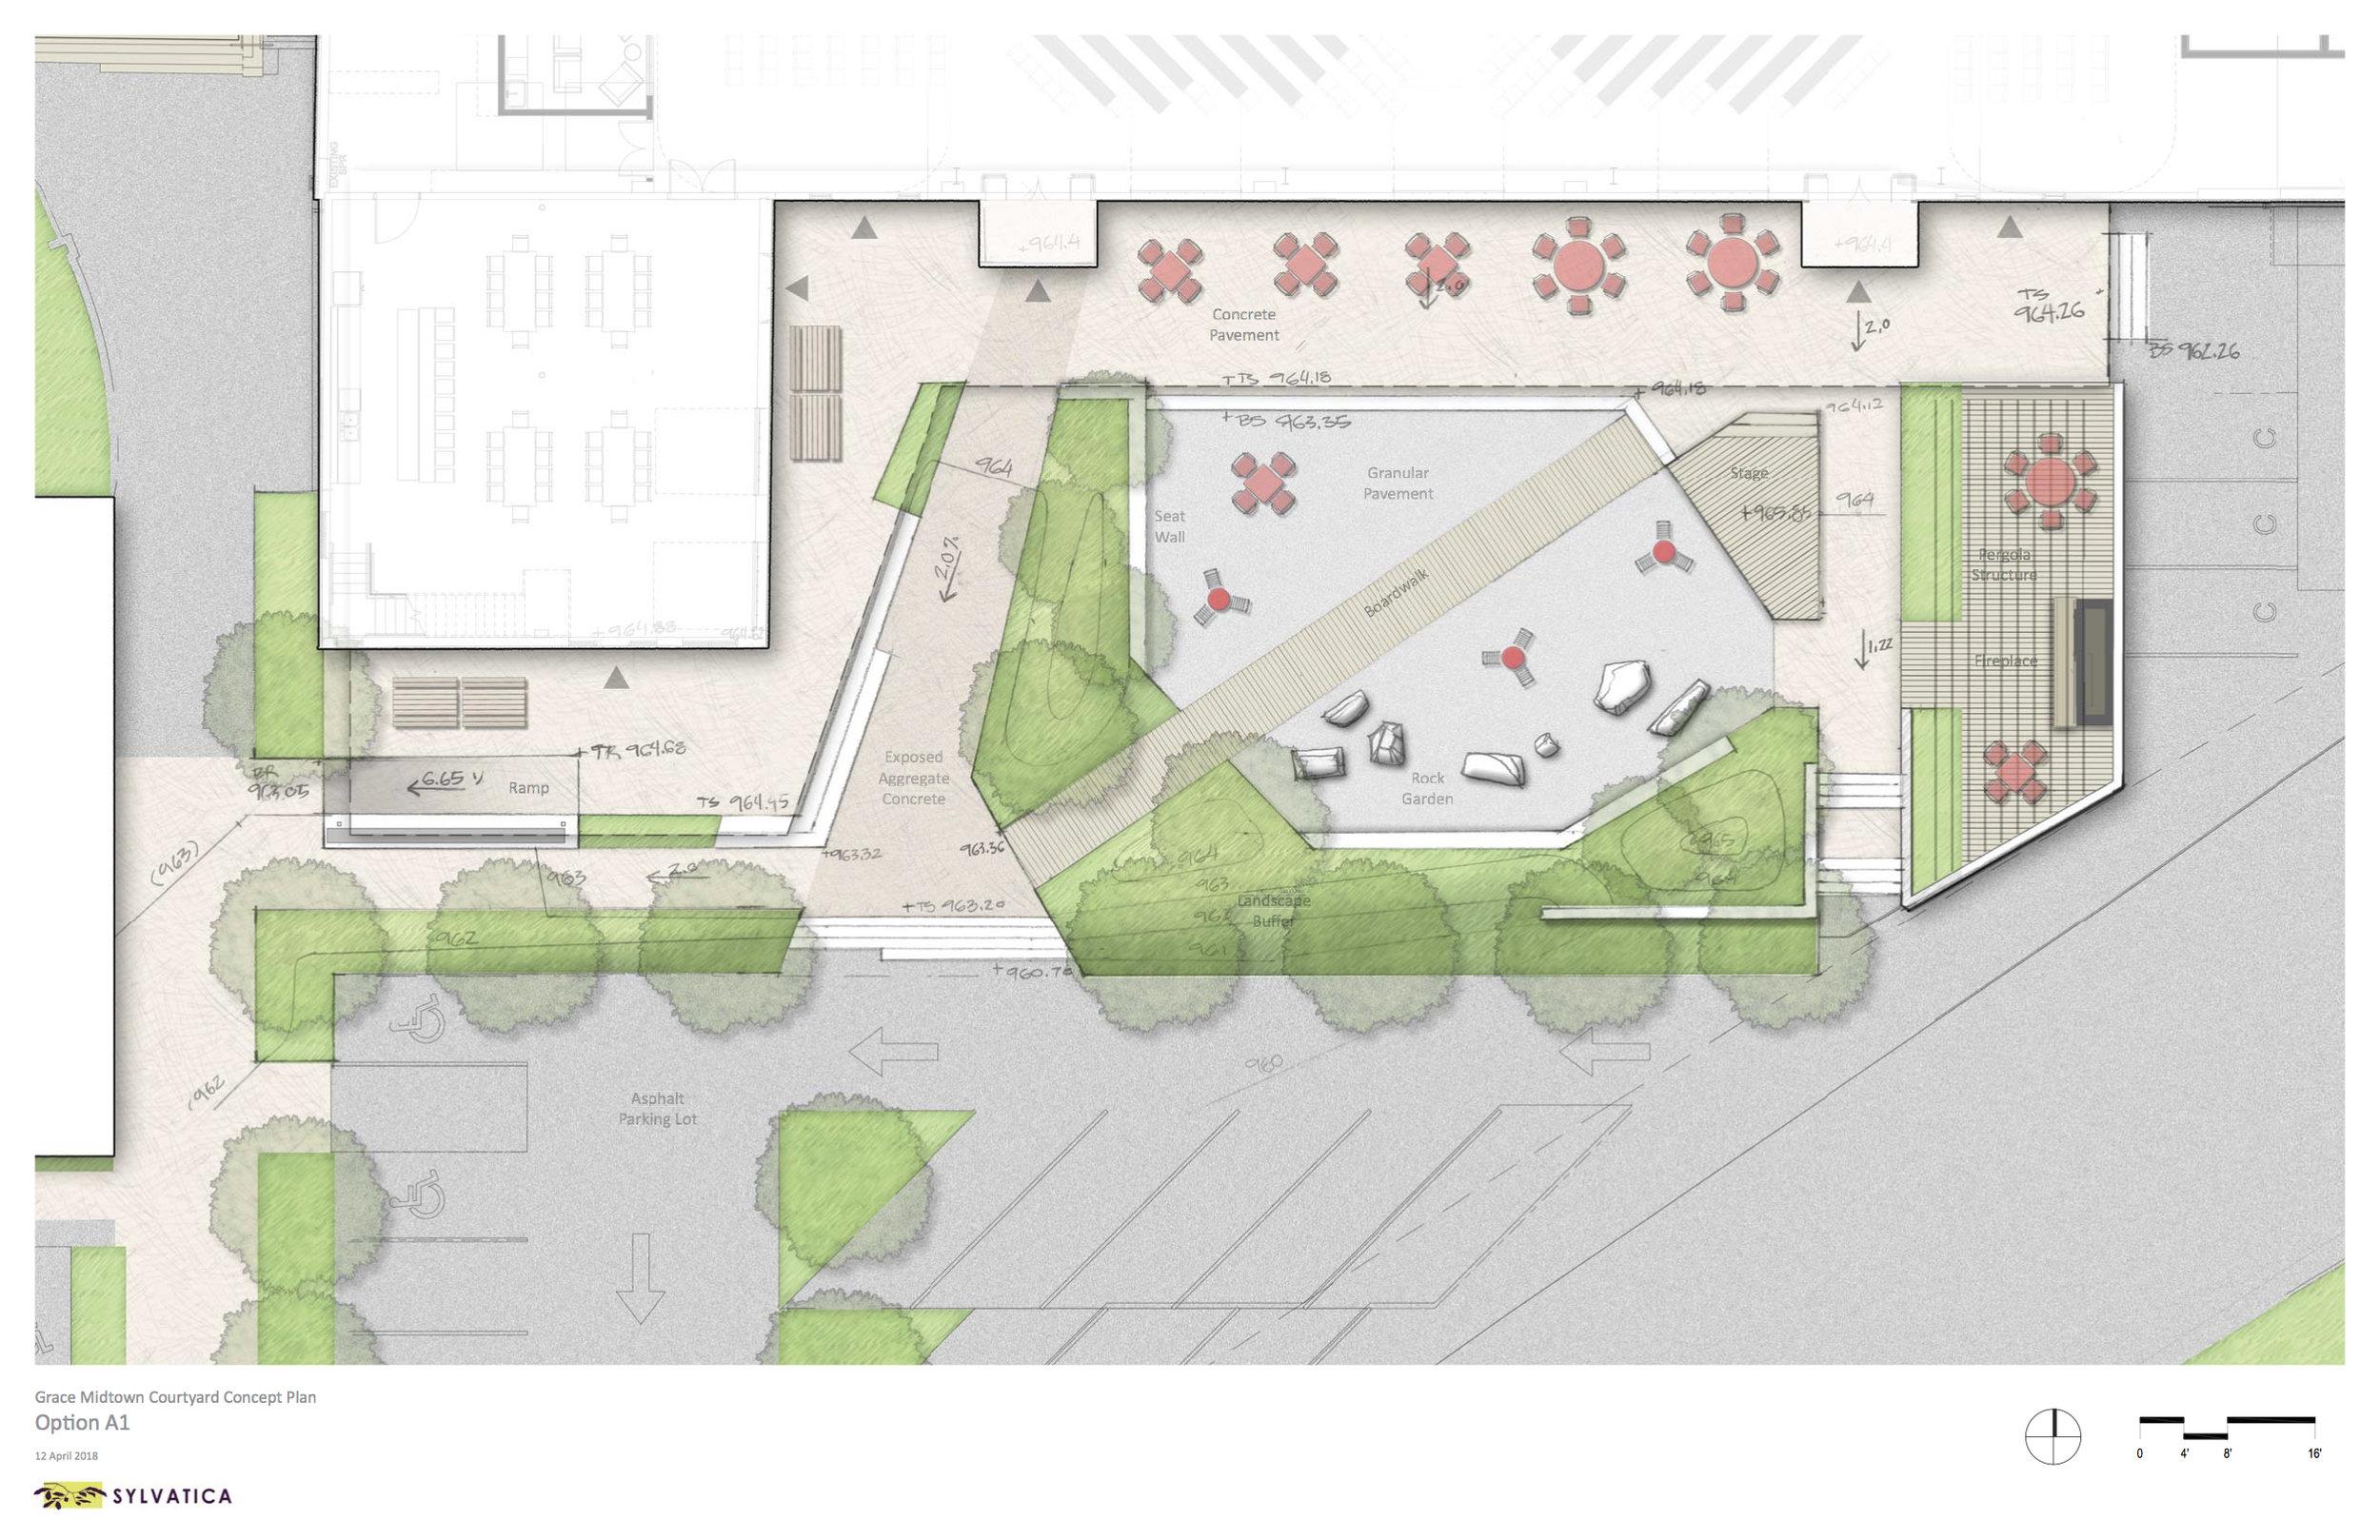 2018.04.12_Grace Midtown Concept Plans_11x17_NTS.jpg